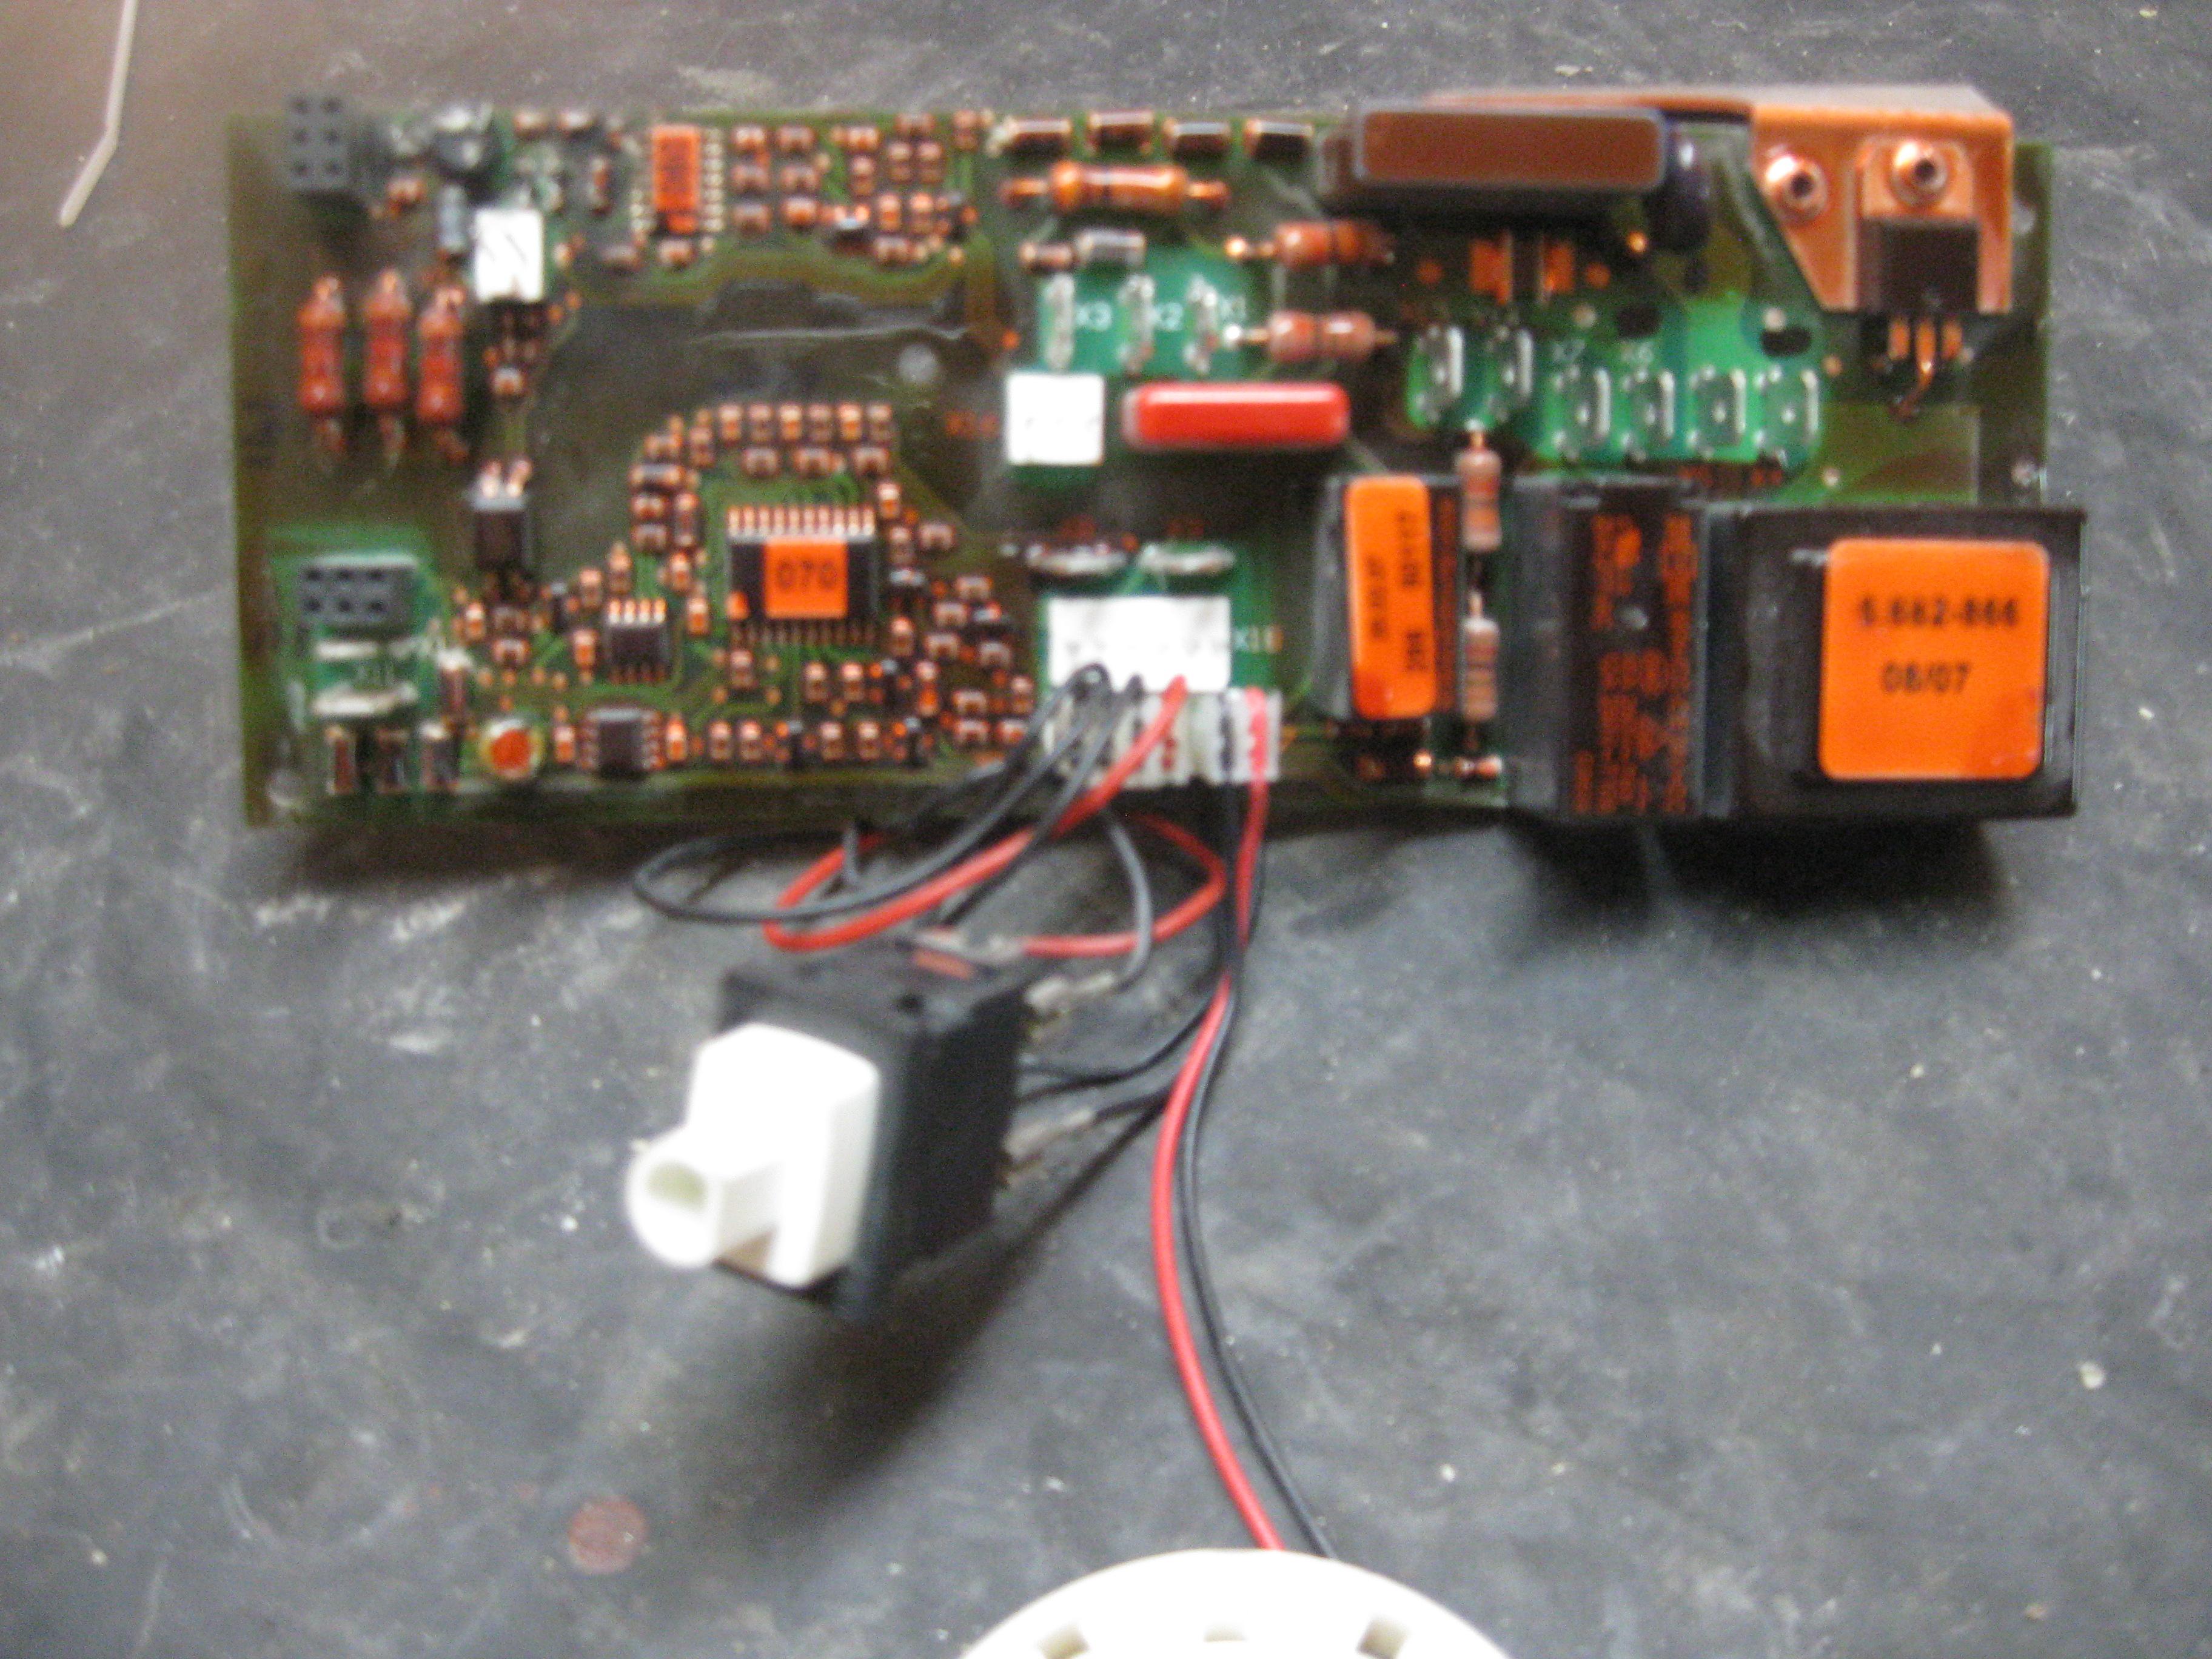 Karcher, nt35/1 eco h odkurzacz przemys�owy - uszkodzona elektronika